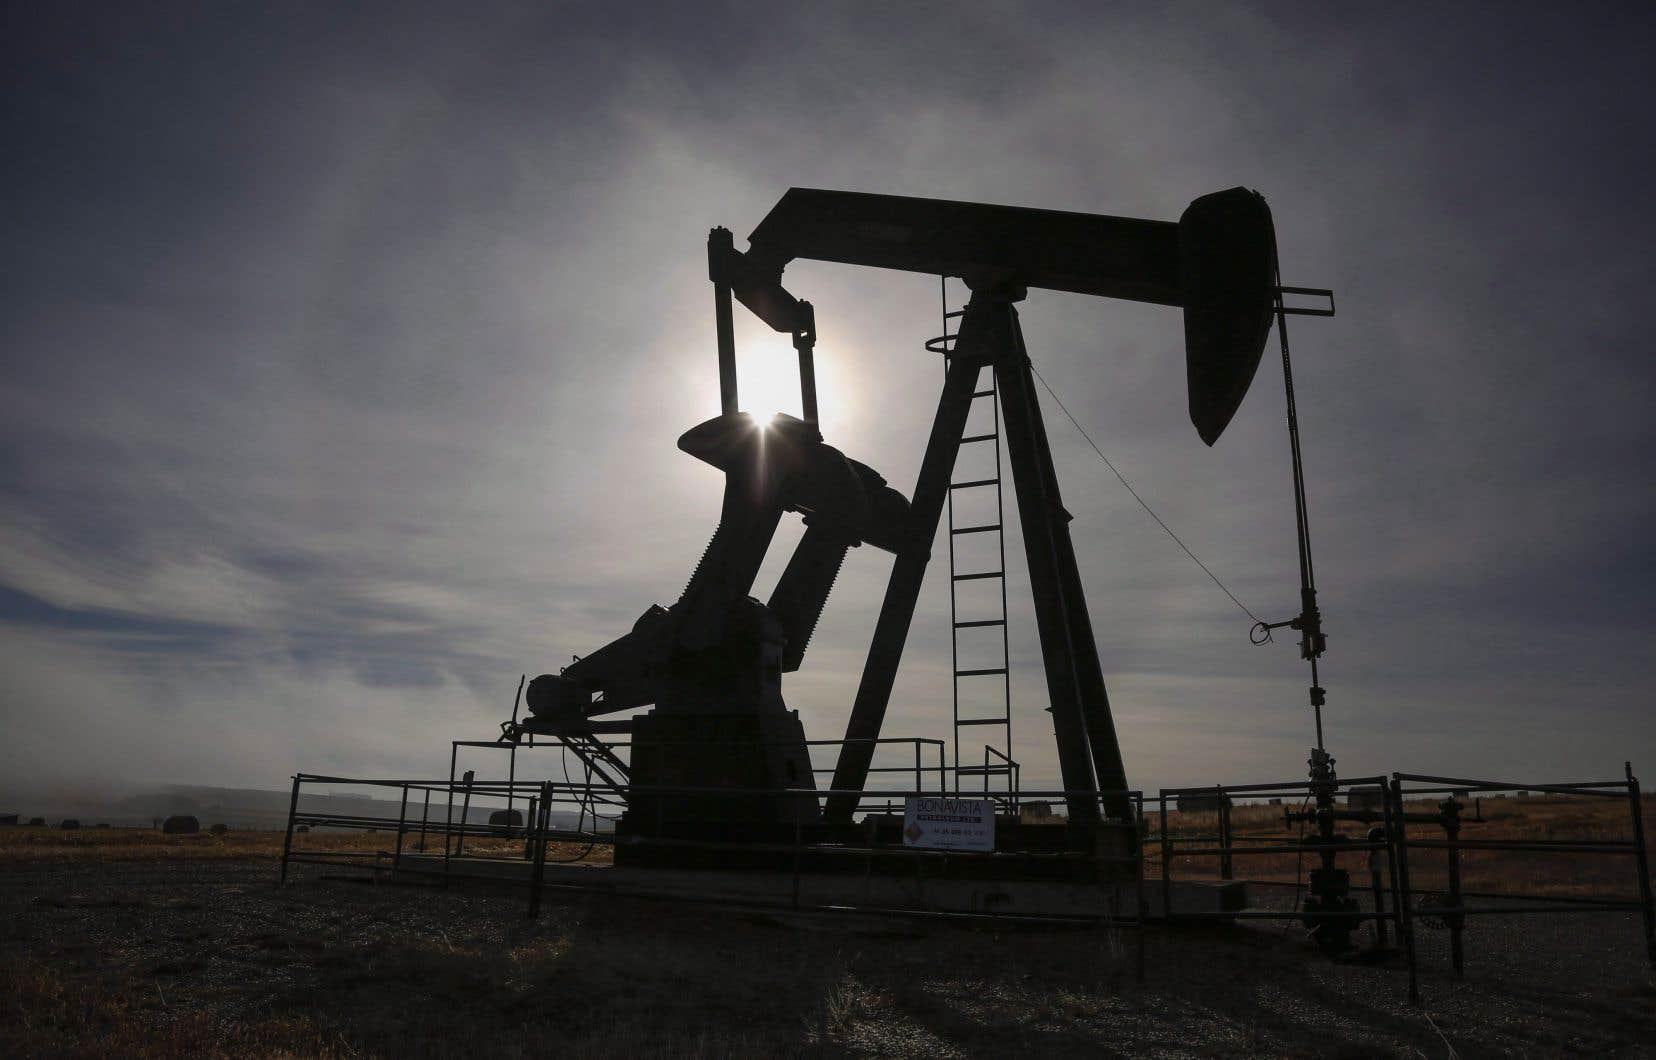 Les griefs des Canadiens de l'Ouest reposent en grande partie sur la perception que le gouvernement fédéral s'oppose à l'exploitation des ressources pétrolières et gazières et sur la conviction que la région apporte une contribution démesurée à la Confédération.